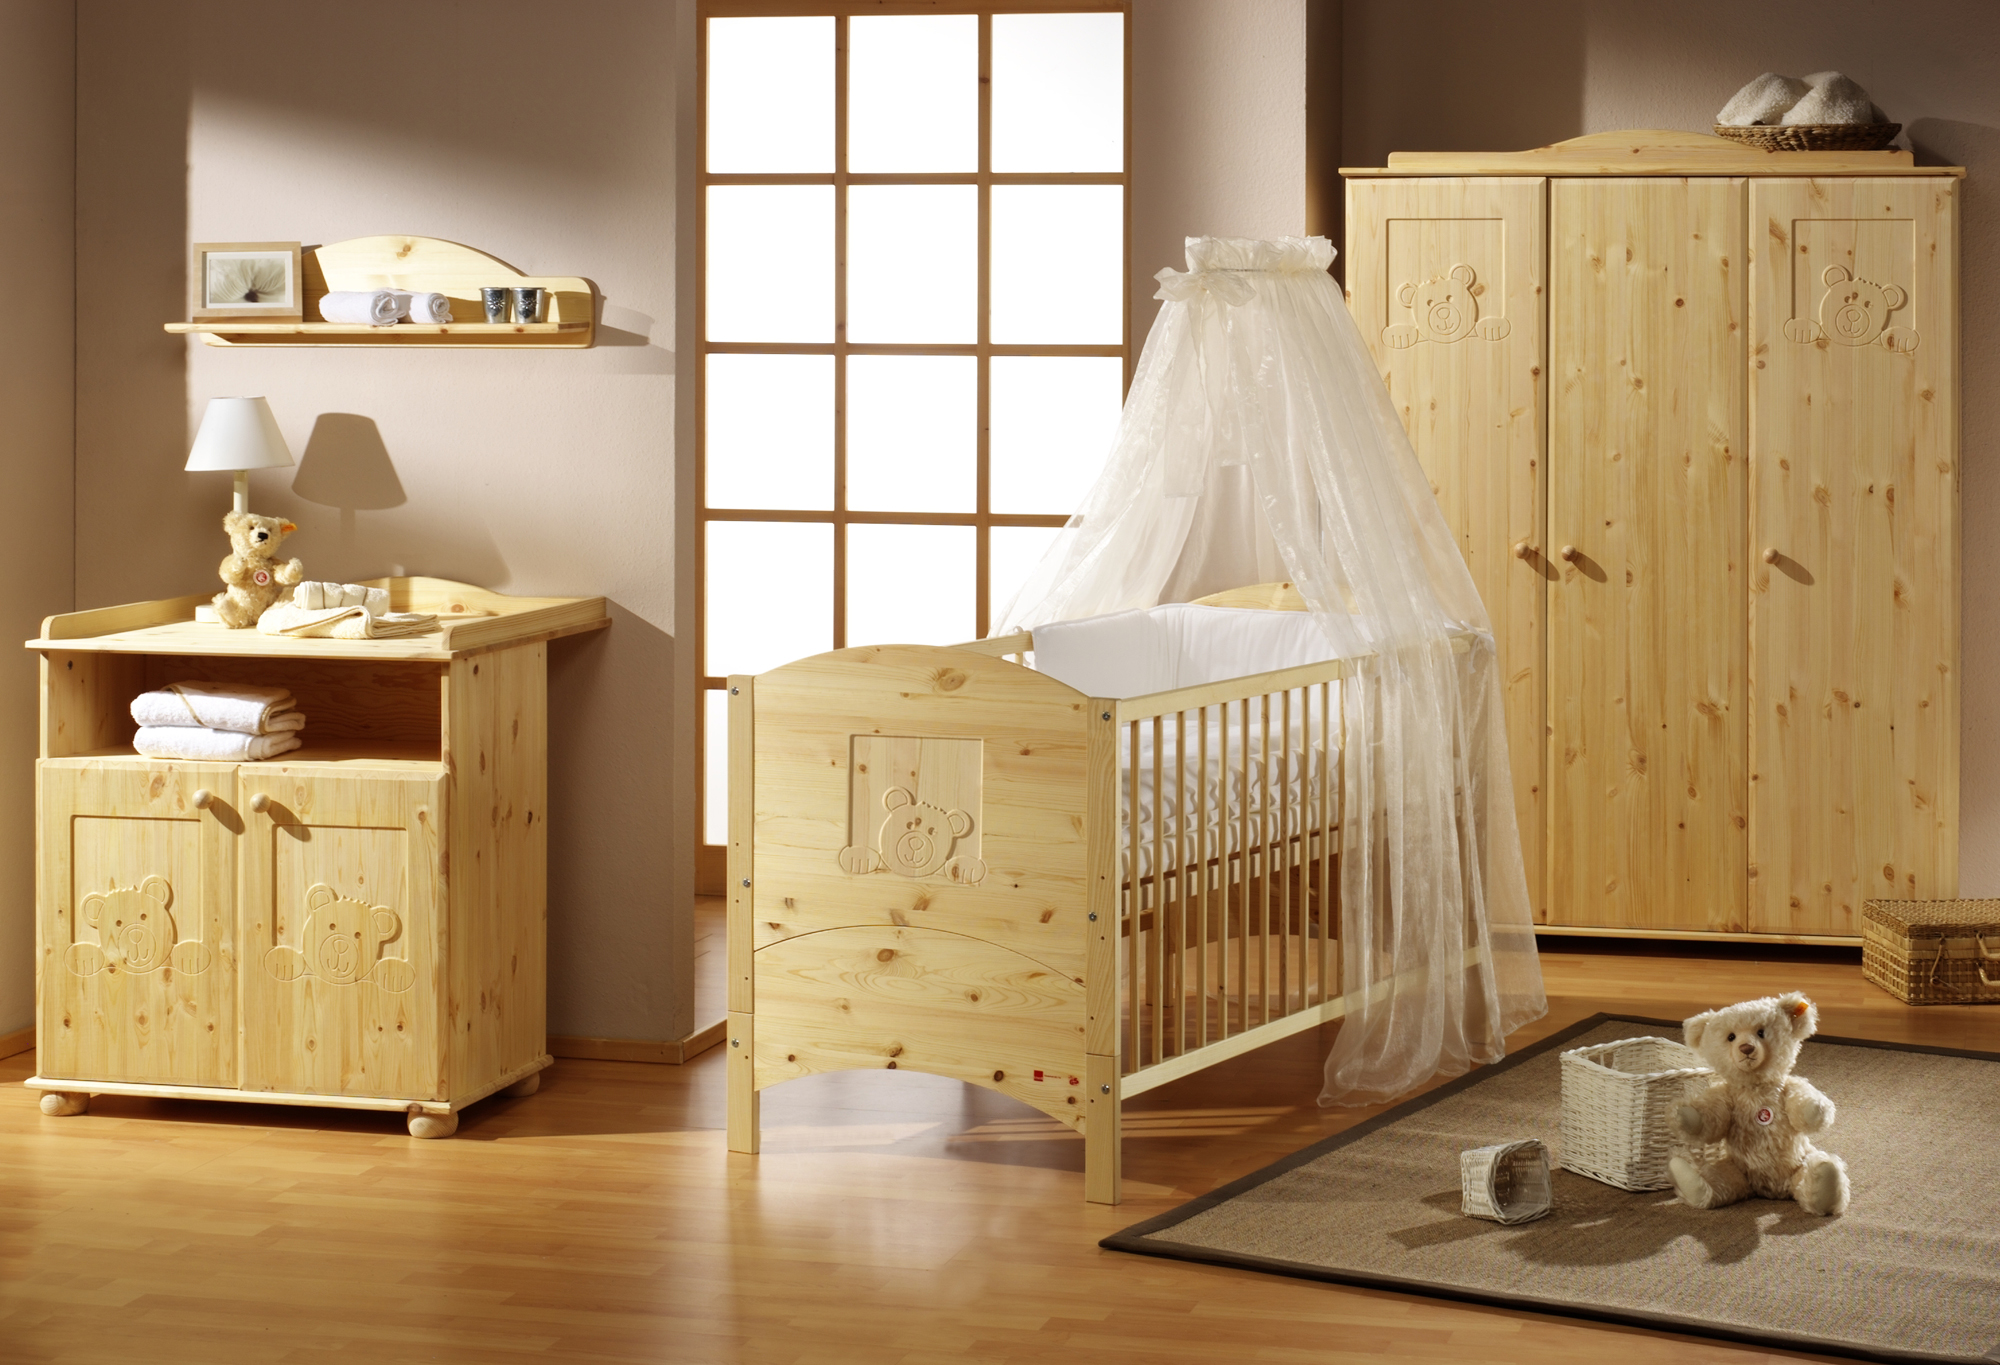 Комната для новорождённого: как оформить пространство удобно, безопасно, эстетично (60 фото)